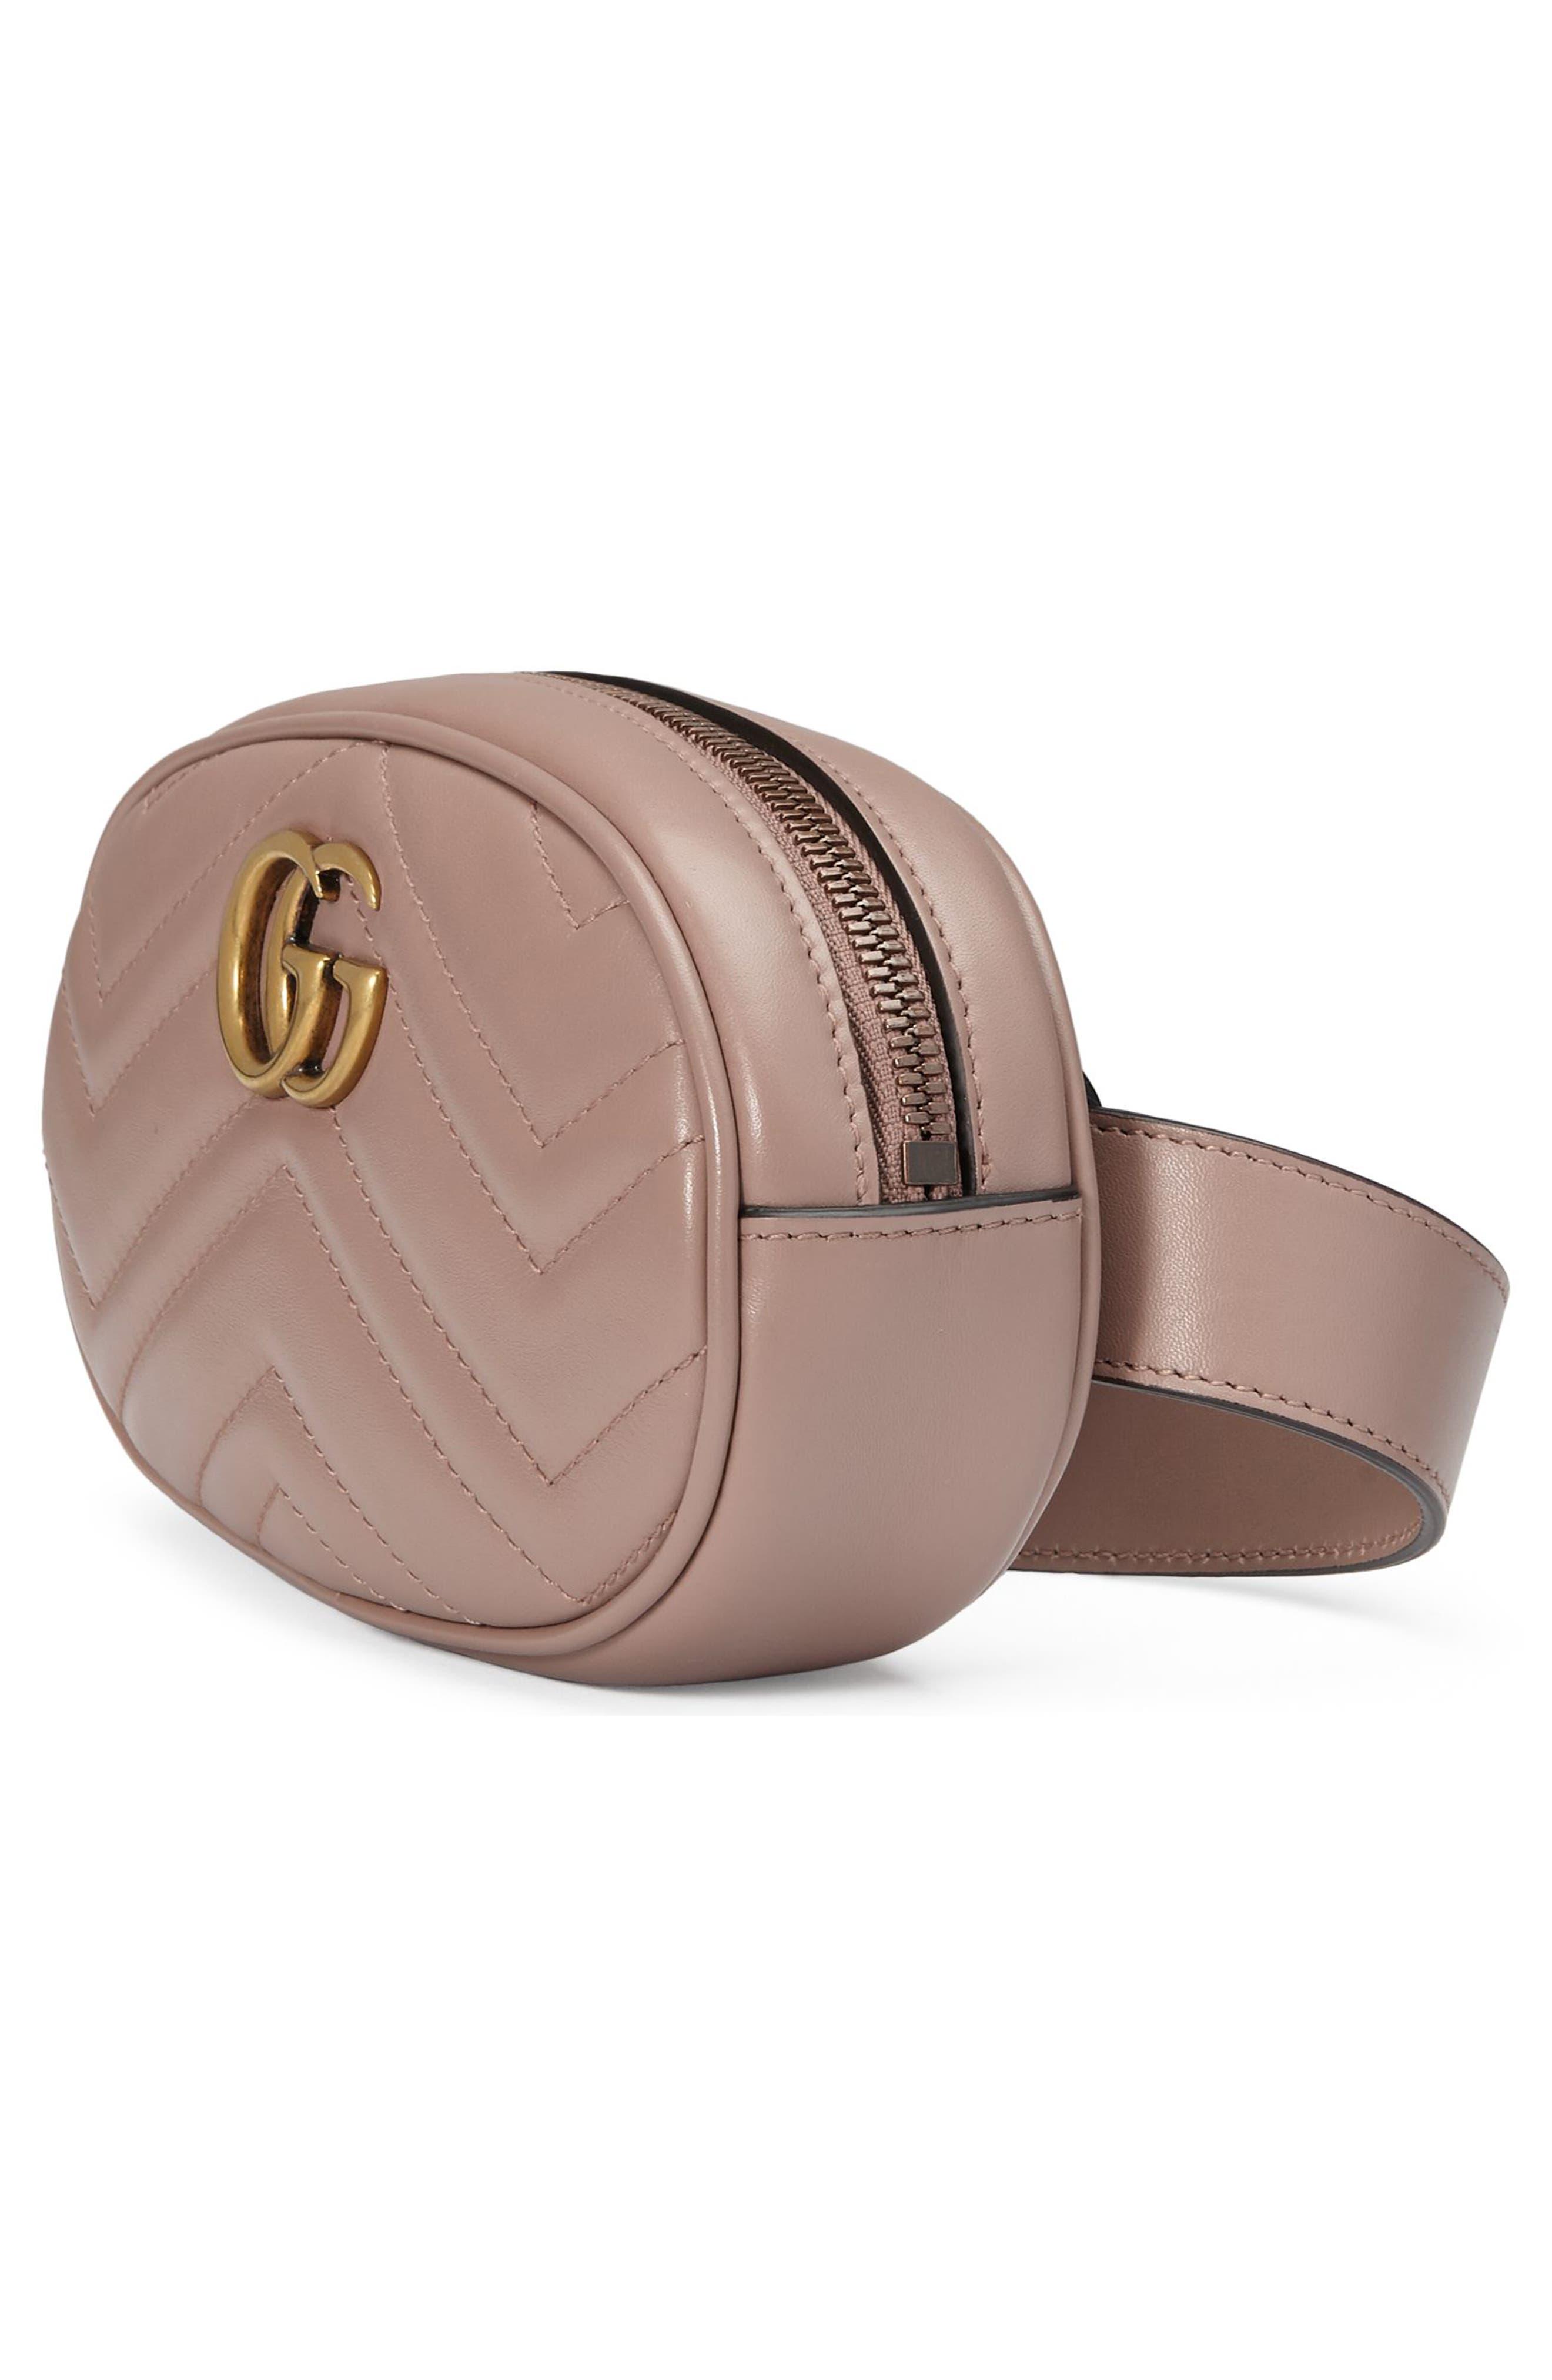 GG Marmont 2.0 Matelassé Leather Belt Bag,                             Alternate thumbnail 4, color,                             PORCELAIN ROSE